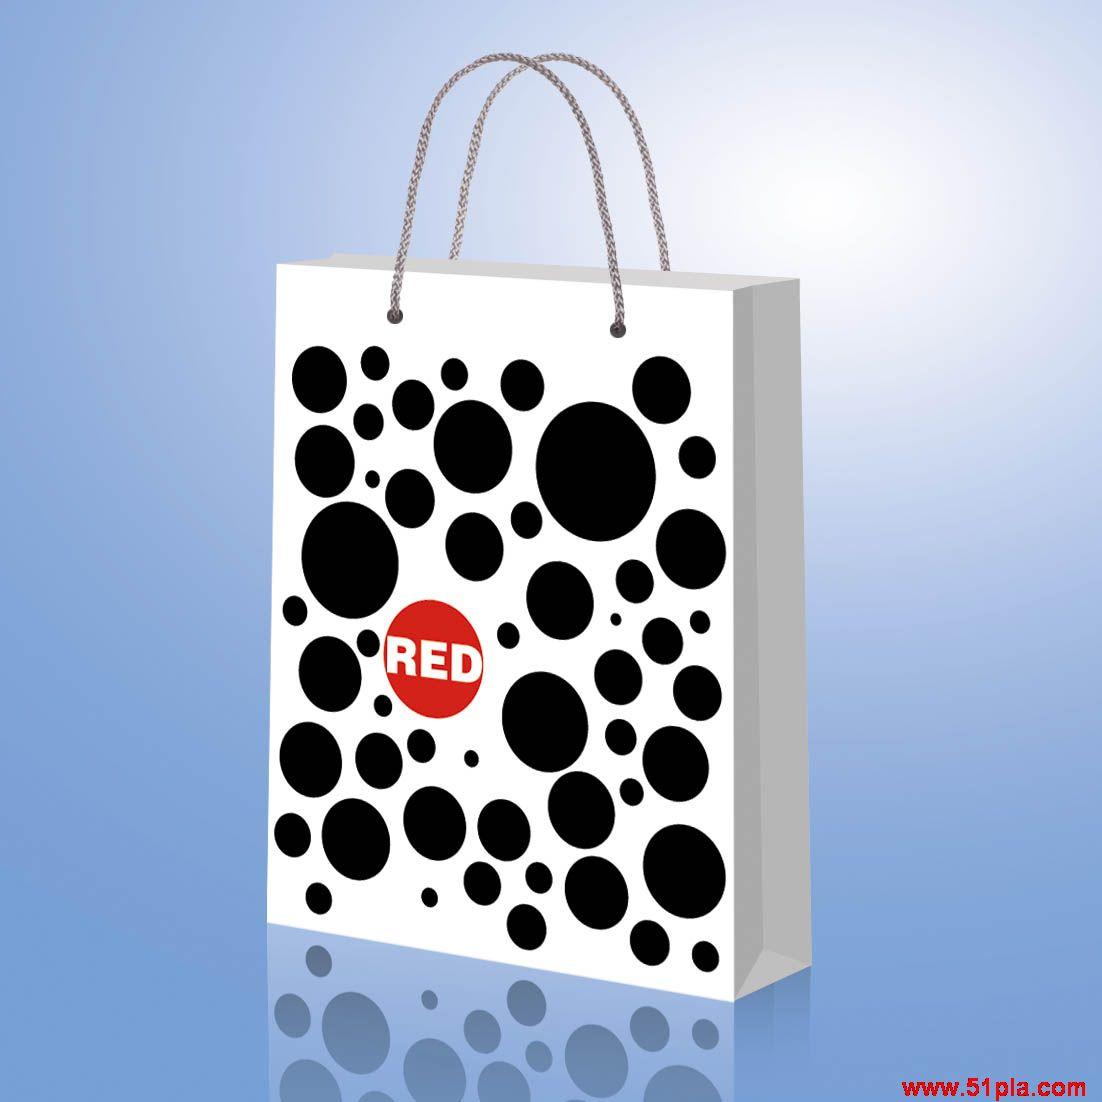 纸礼品袋-广州旺彩包装制品厂提供纸礼品袋